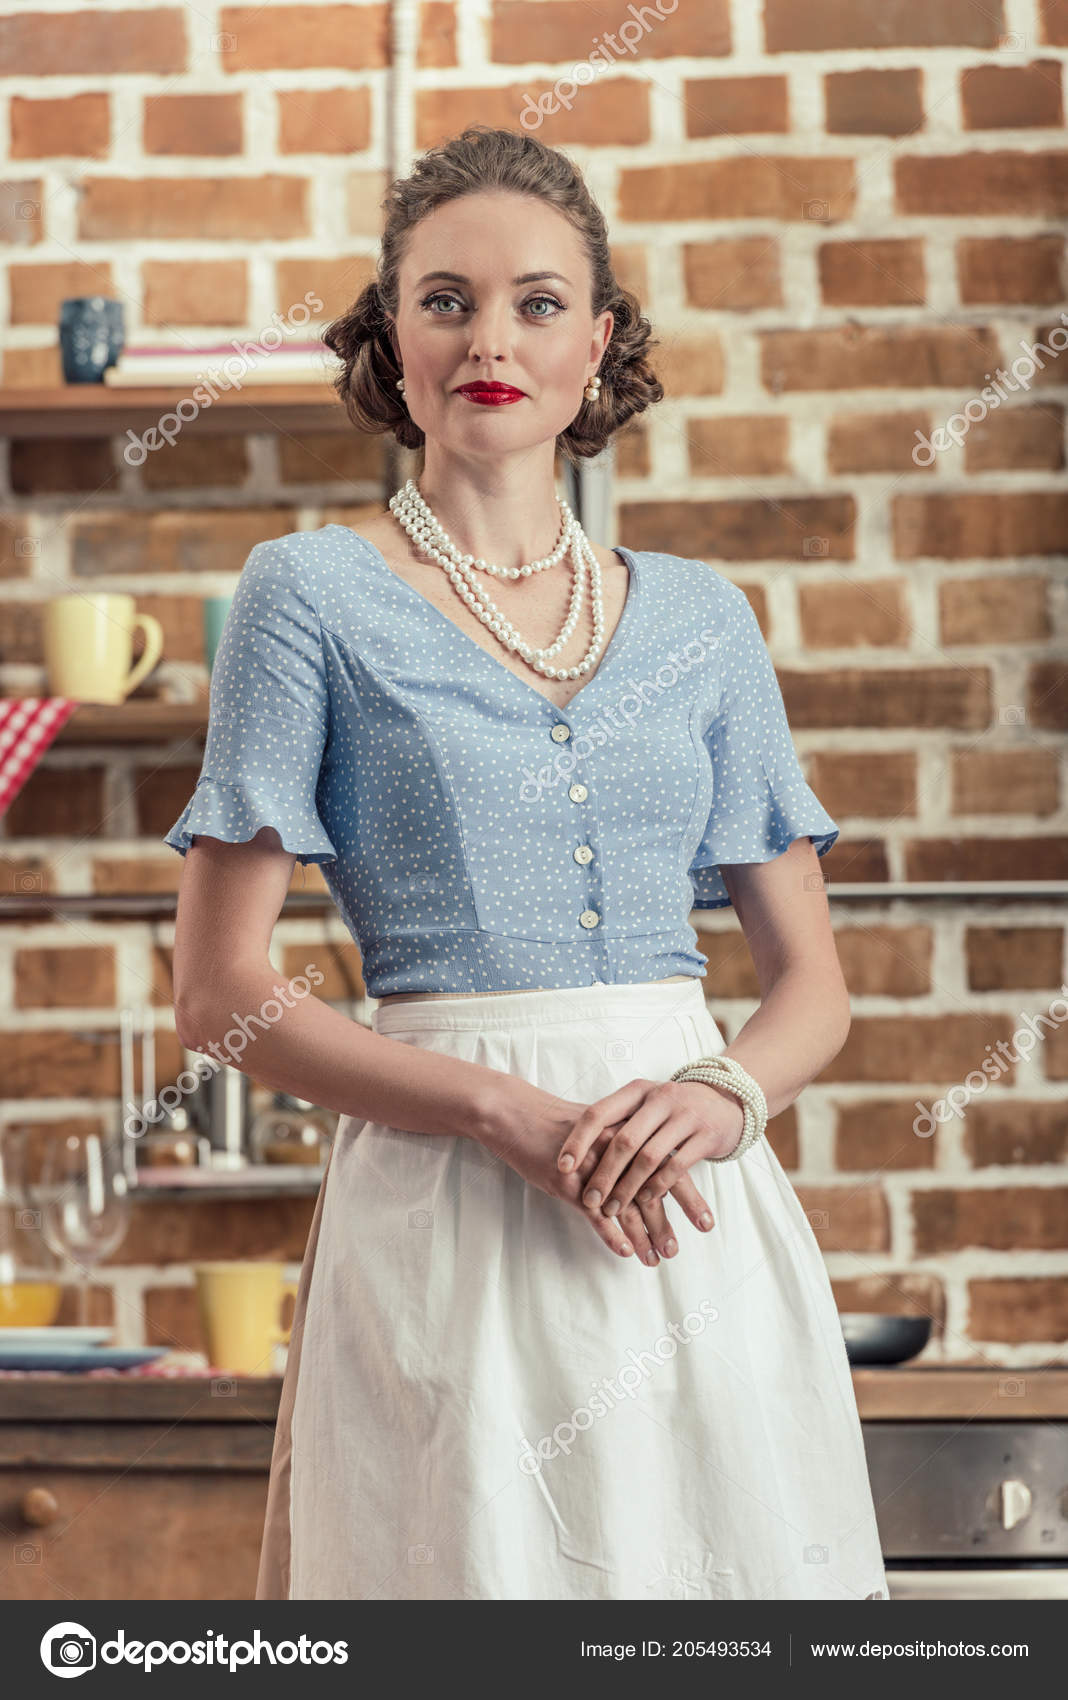 2f538a9bbf2 Atraktivní Pro Dospělé Hospodyně Oblečení Stojí Kuchyni Hledat Dál ...